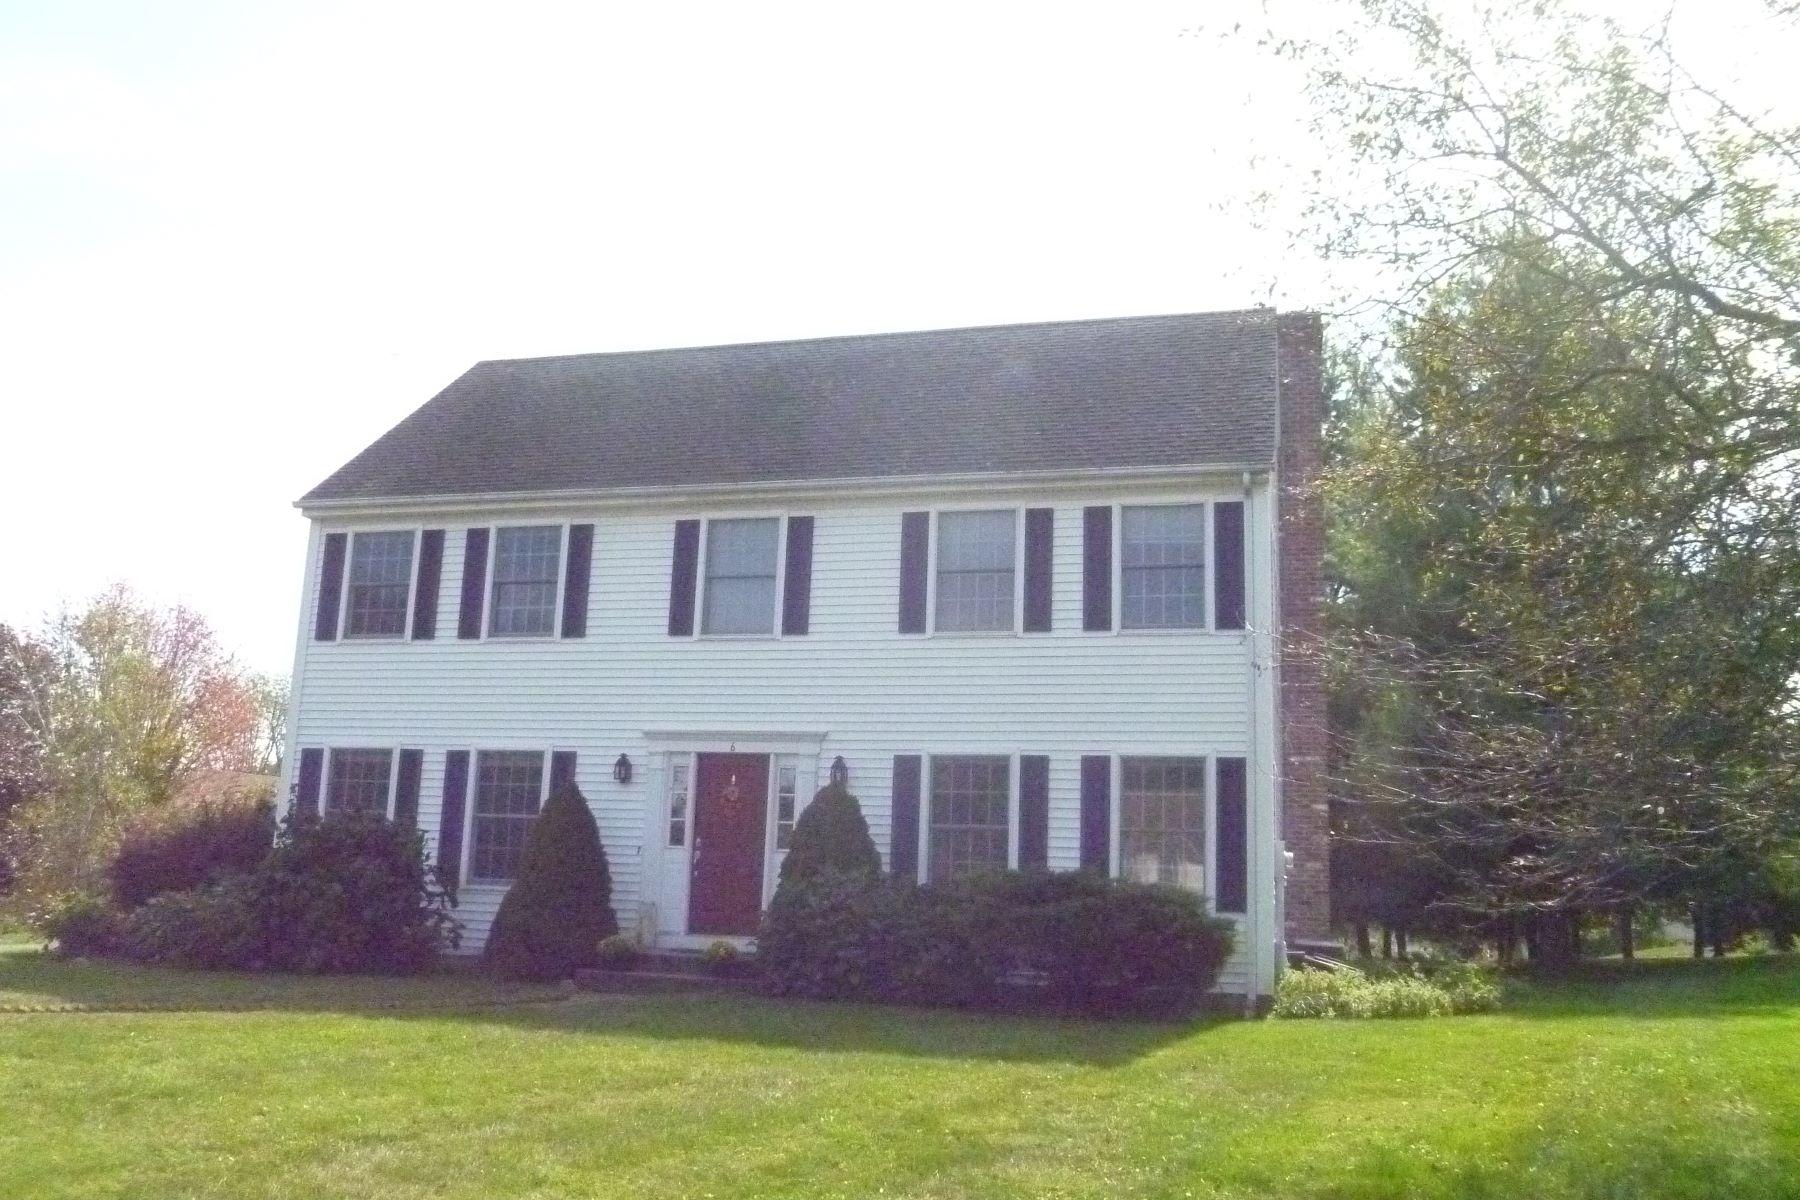 Casa Unifamiliar por un Alquiler en Colonial in Popular Neighborhood 6 Howes Court Ridgefield, Connecticut, 06877 Estados Unidos